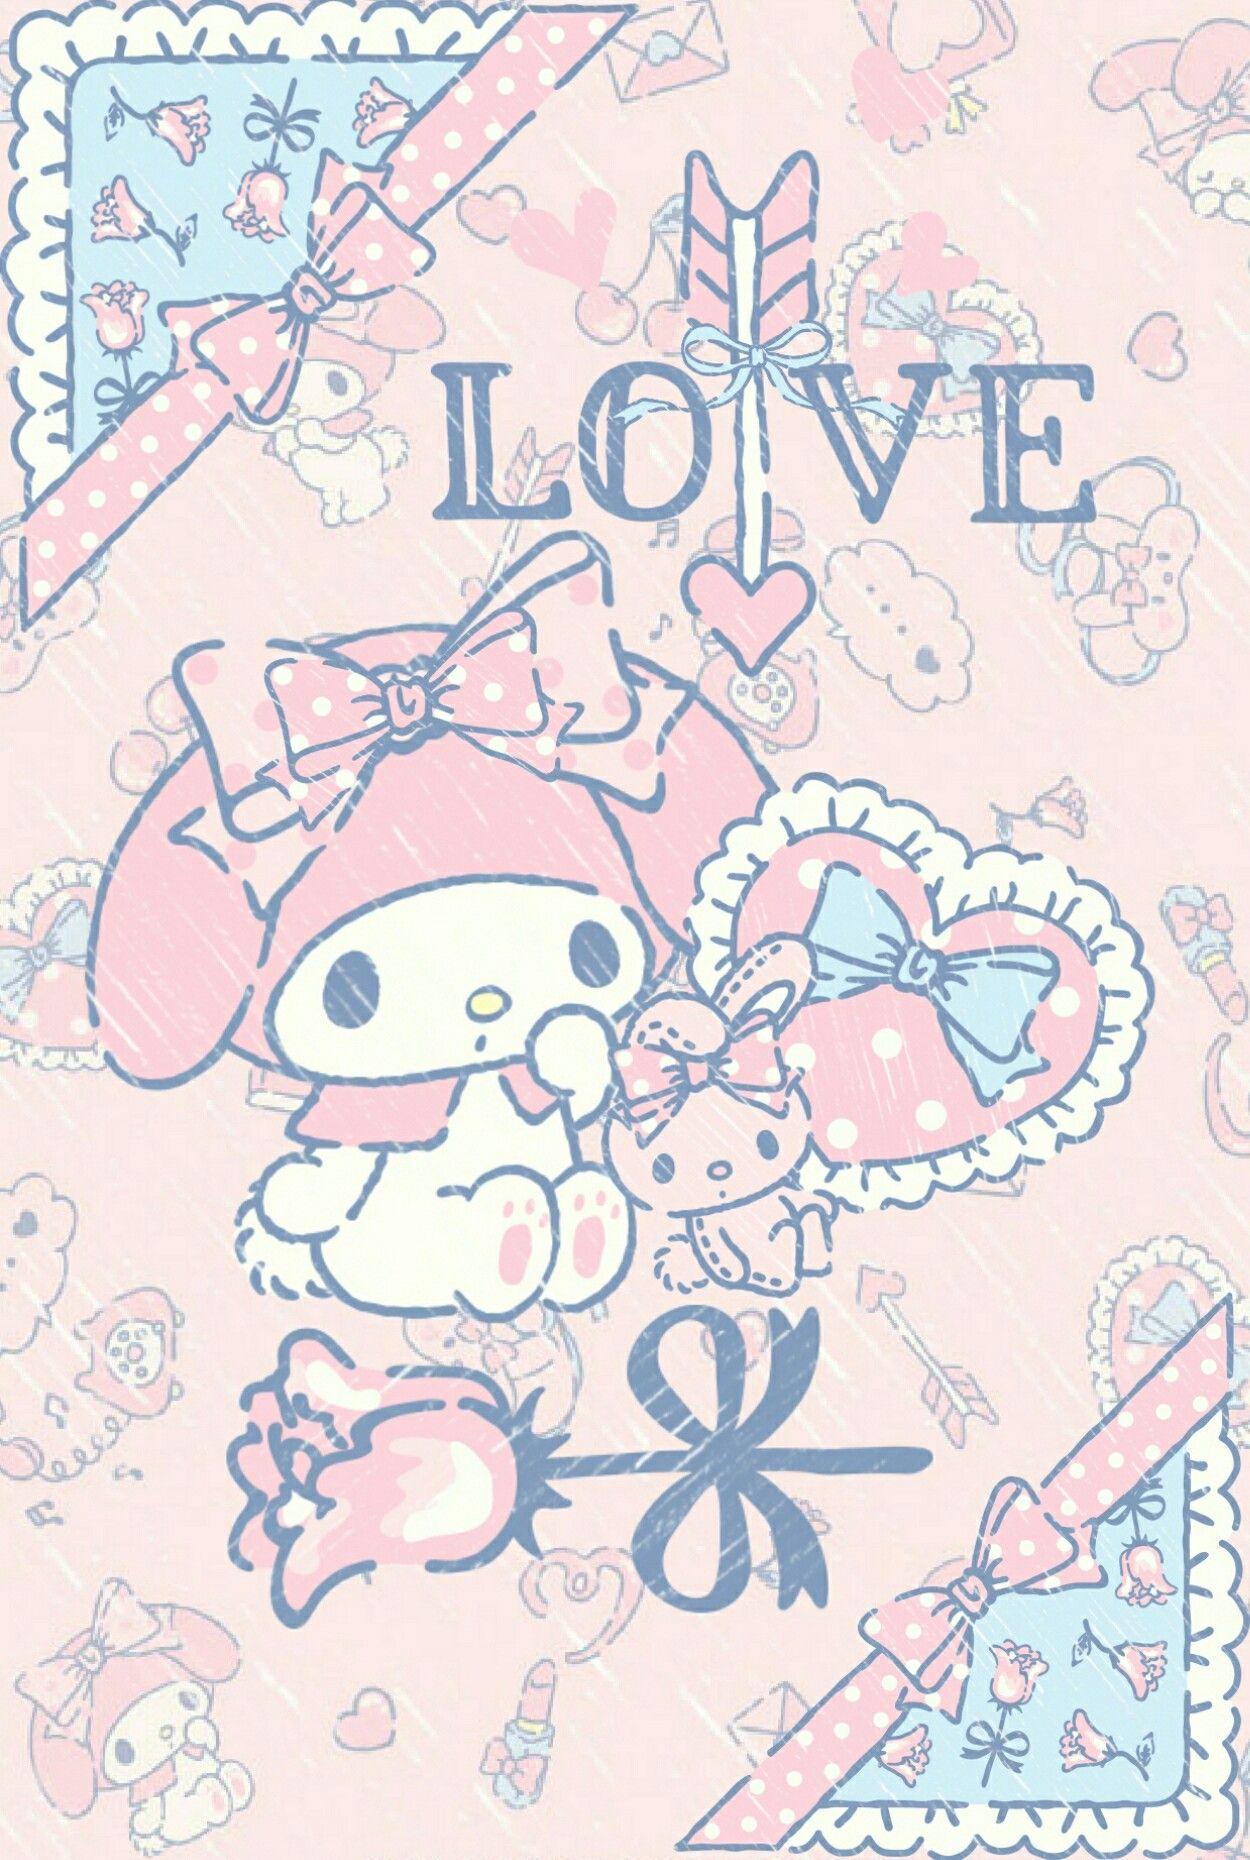 Simple Wallpaper Hello Kitty Kawaii - 7974f121bb6892d9a35949f712ce0995  HD_111089.jpg